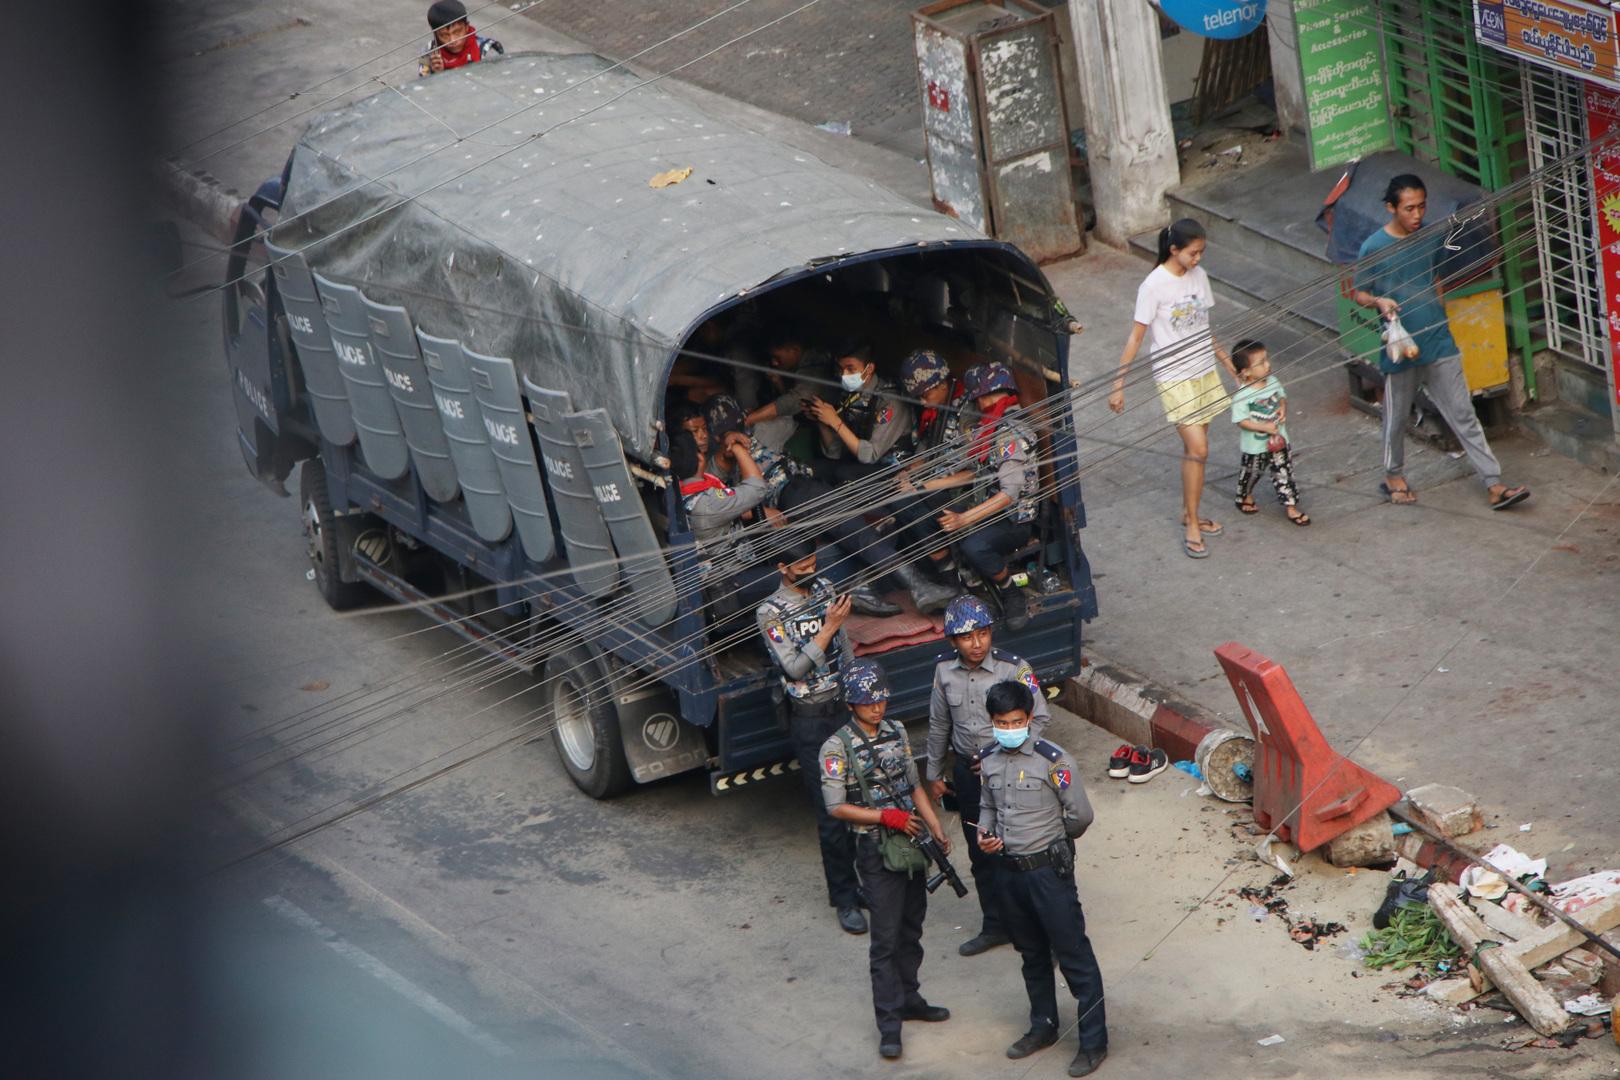 حكومة شكلتها المعارضة في ميانمار تطالب بالمشاركة في أي مسعى لحل الأزمة بالبلاد